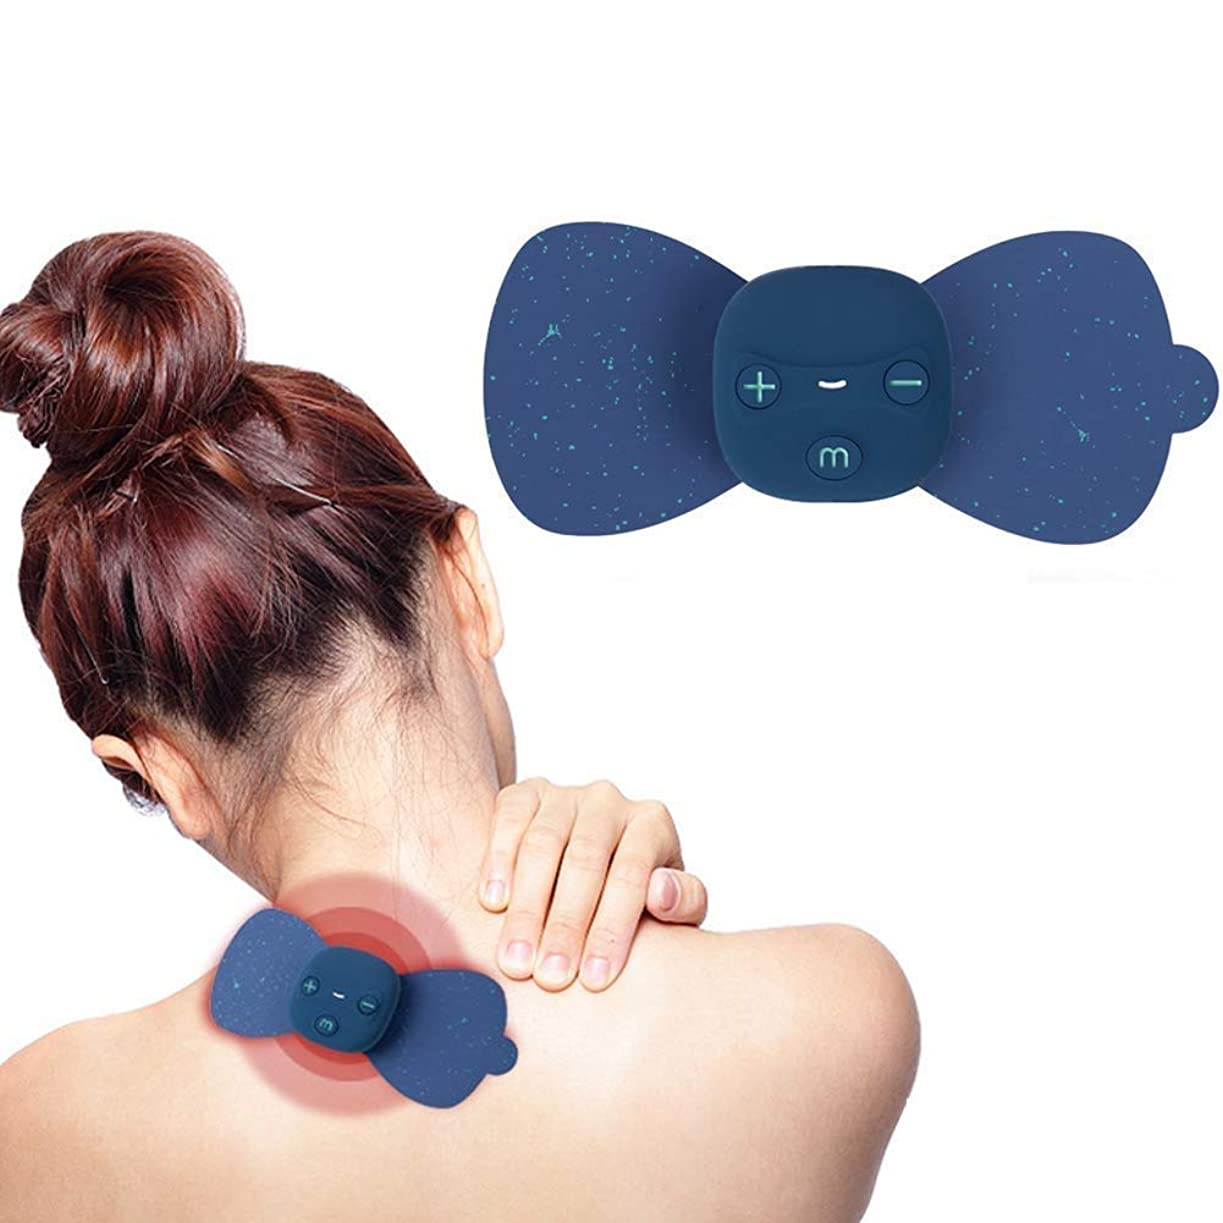 大騒ぎ技術者所得マッサージステッカー EMSマッサージテンマシンセラピーデバイス、ワイヤレステンユニット - 電極パッドデバイス - 電気刺激マシン - EMS痛み緩和療法神経刺激用筋肉